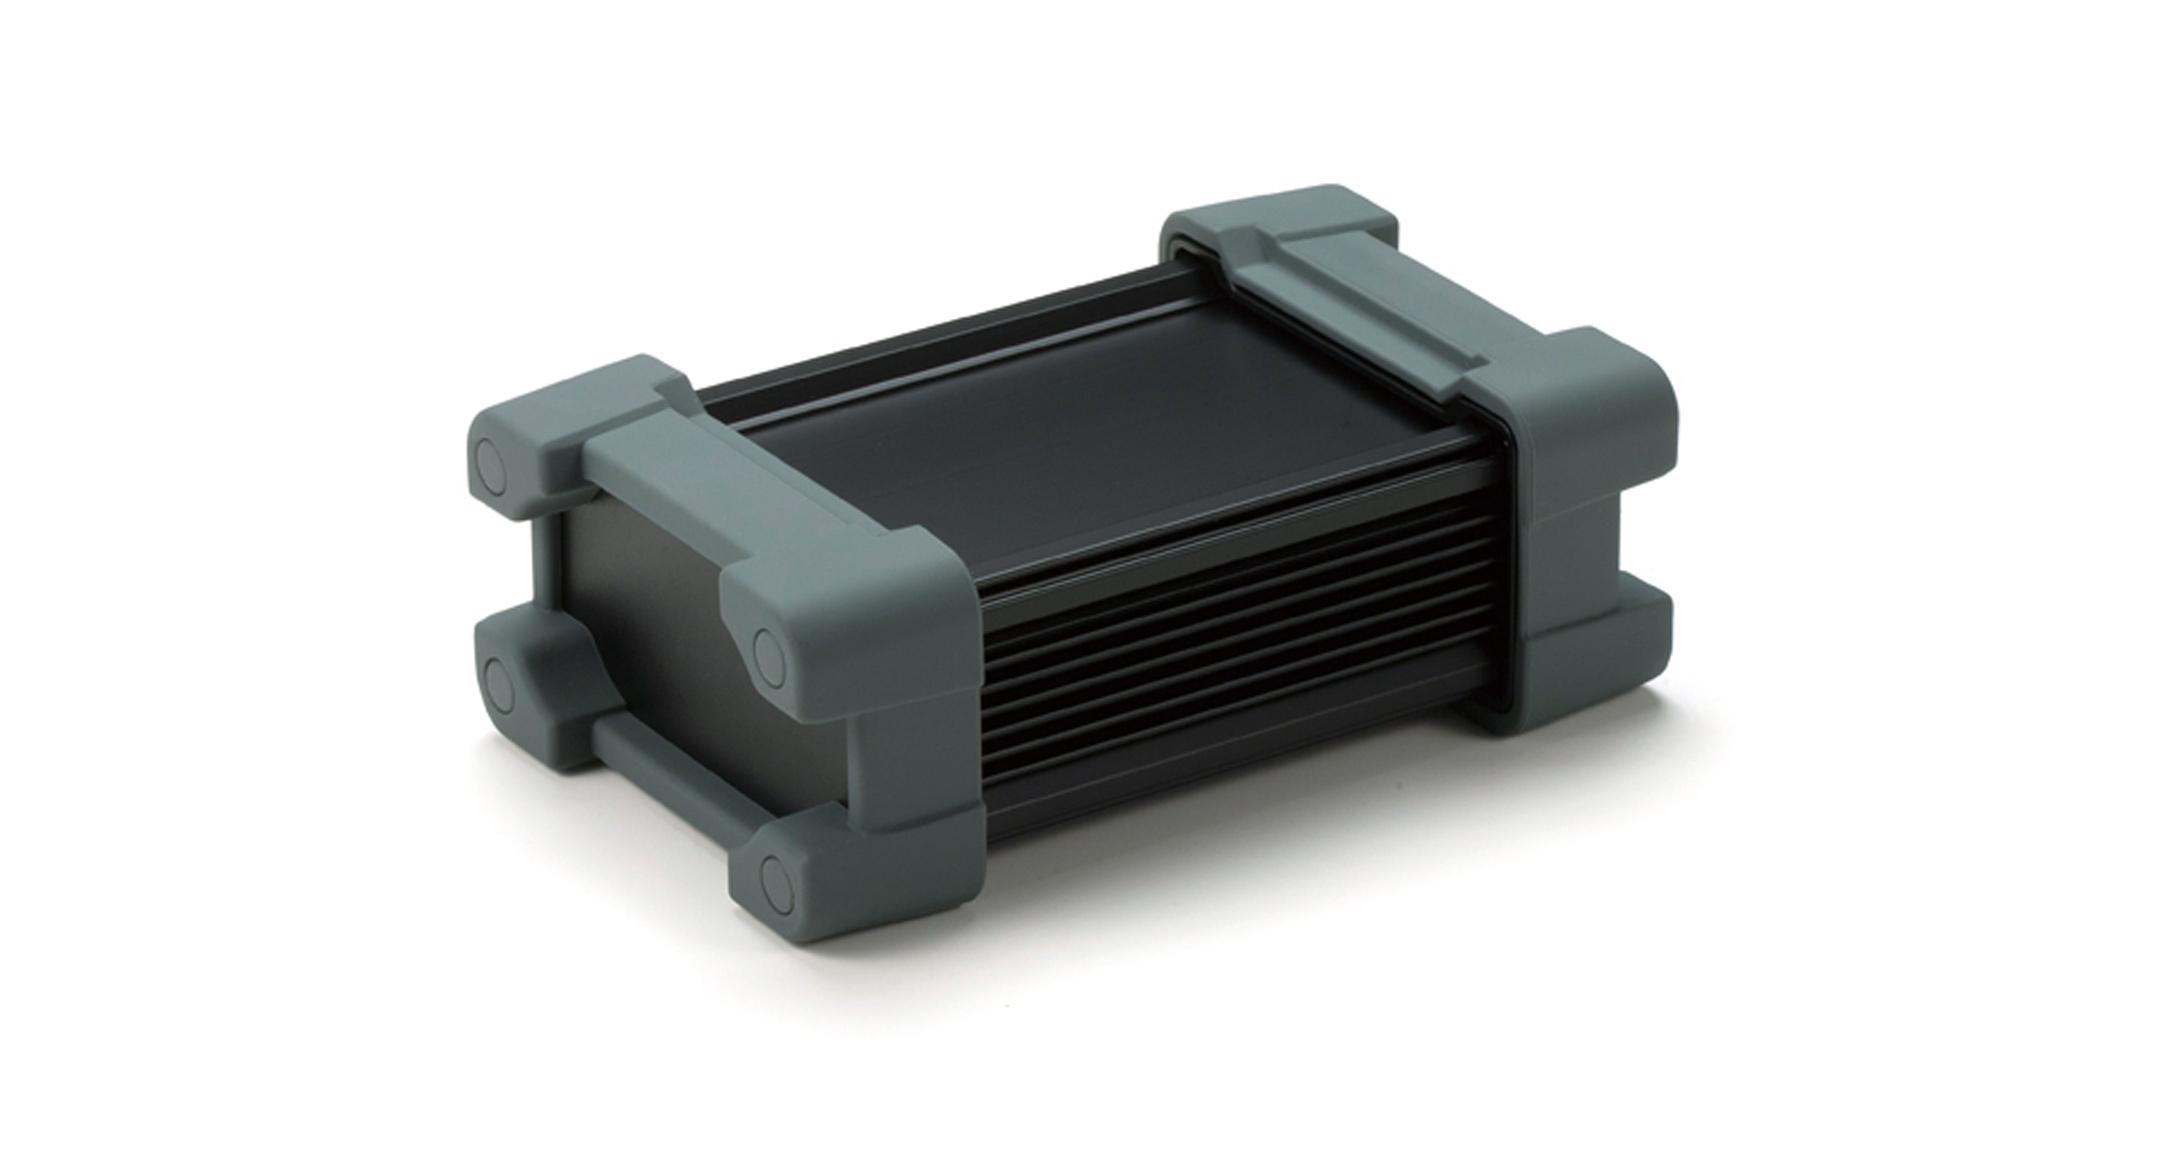 プロテクター付防水アルミケース AWPシリーズ:ブラック/グレーの画像